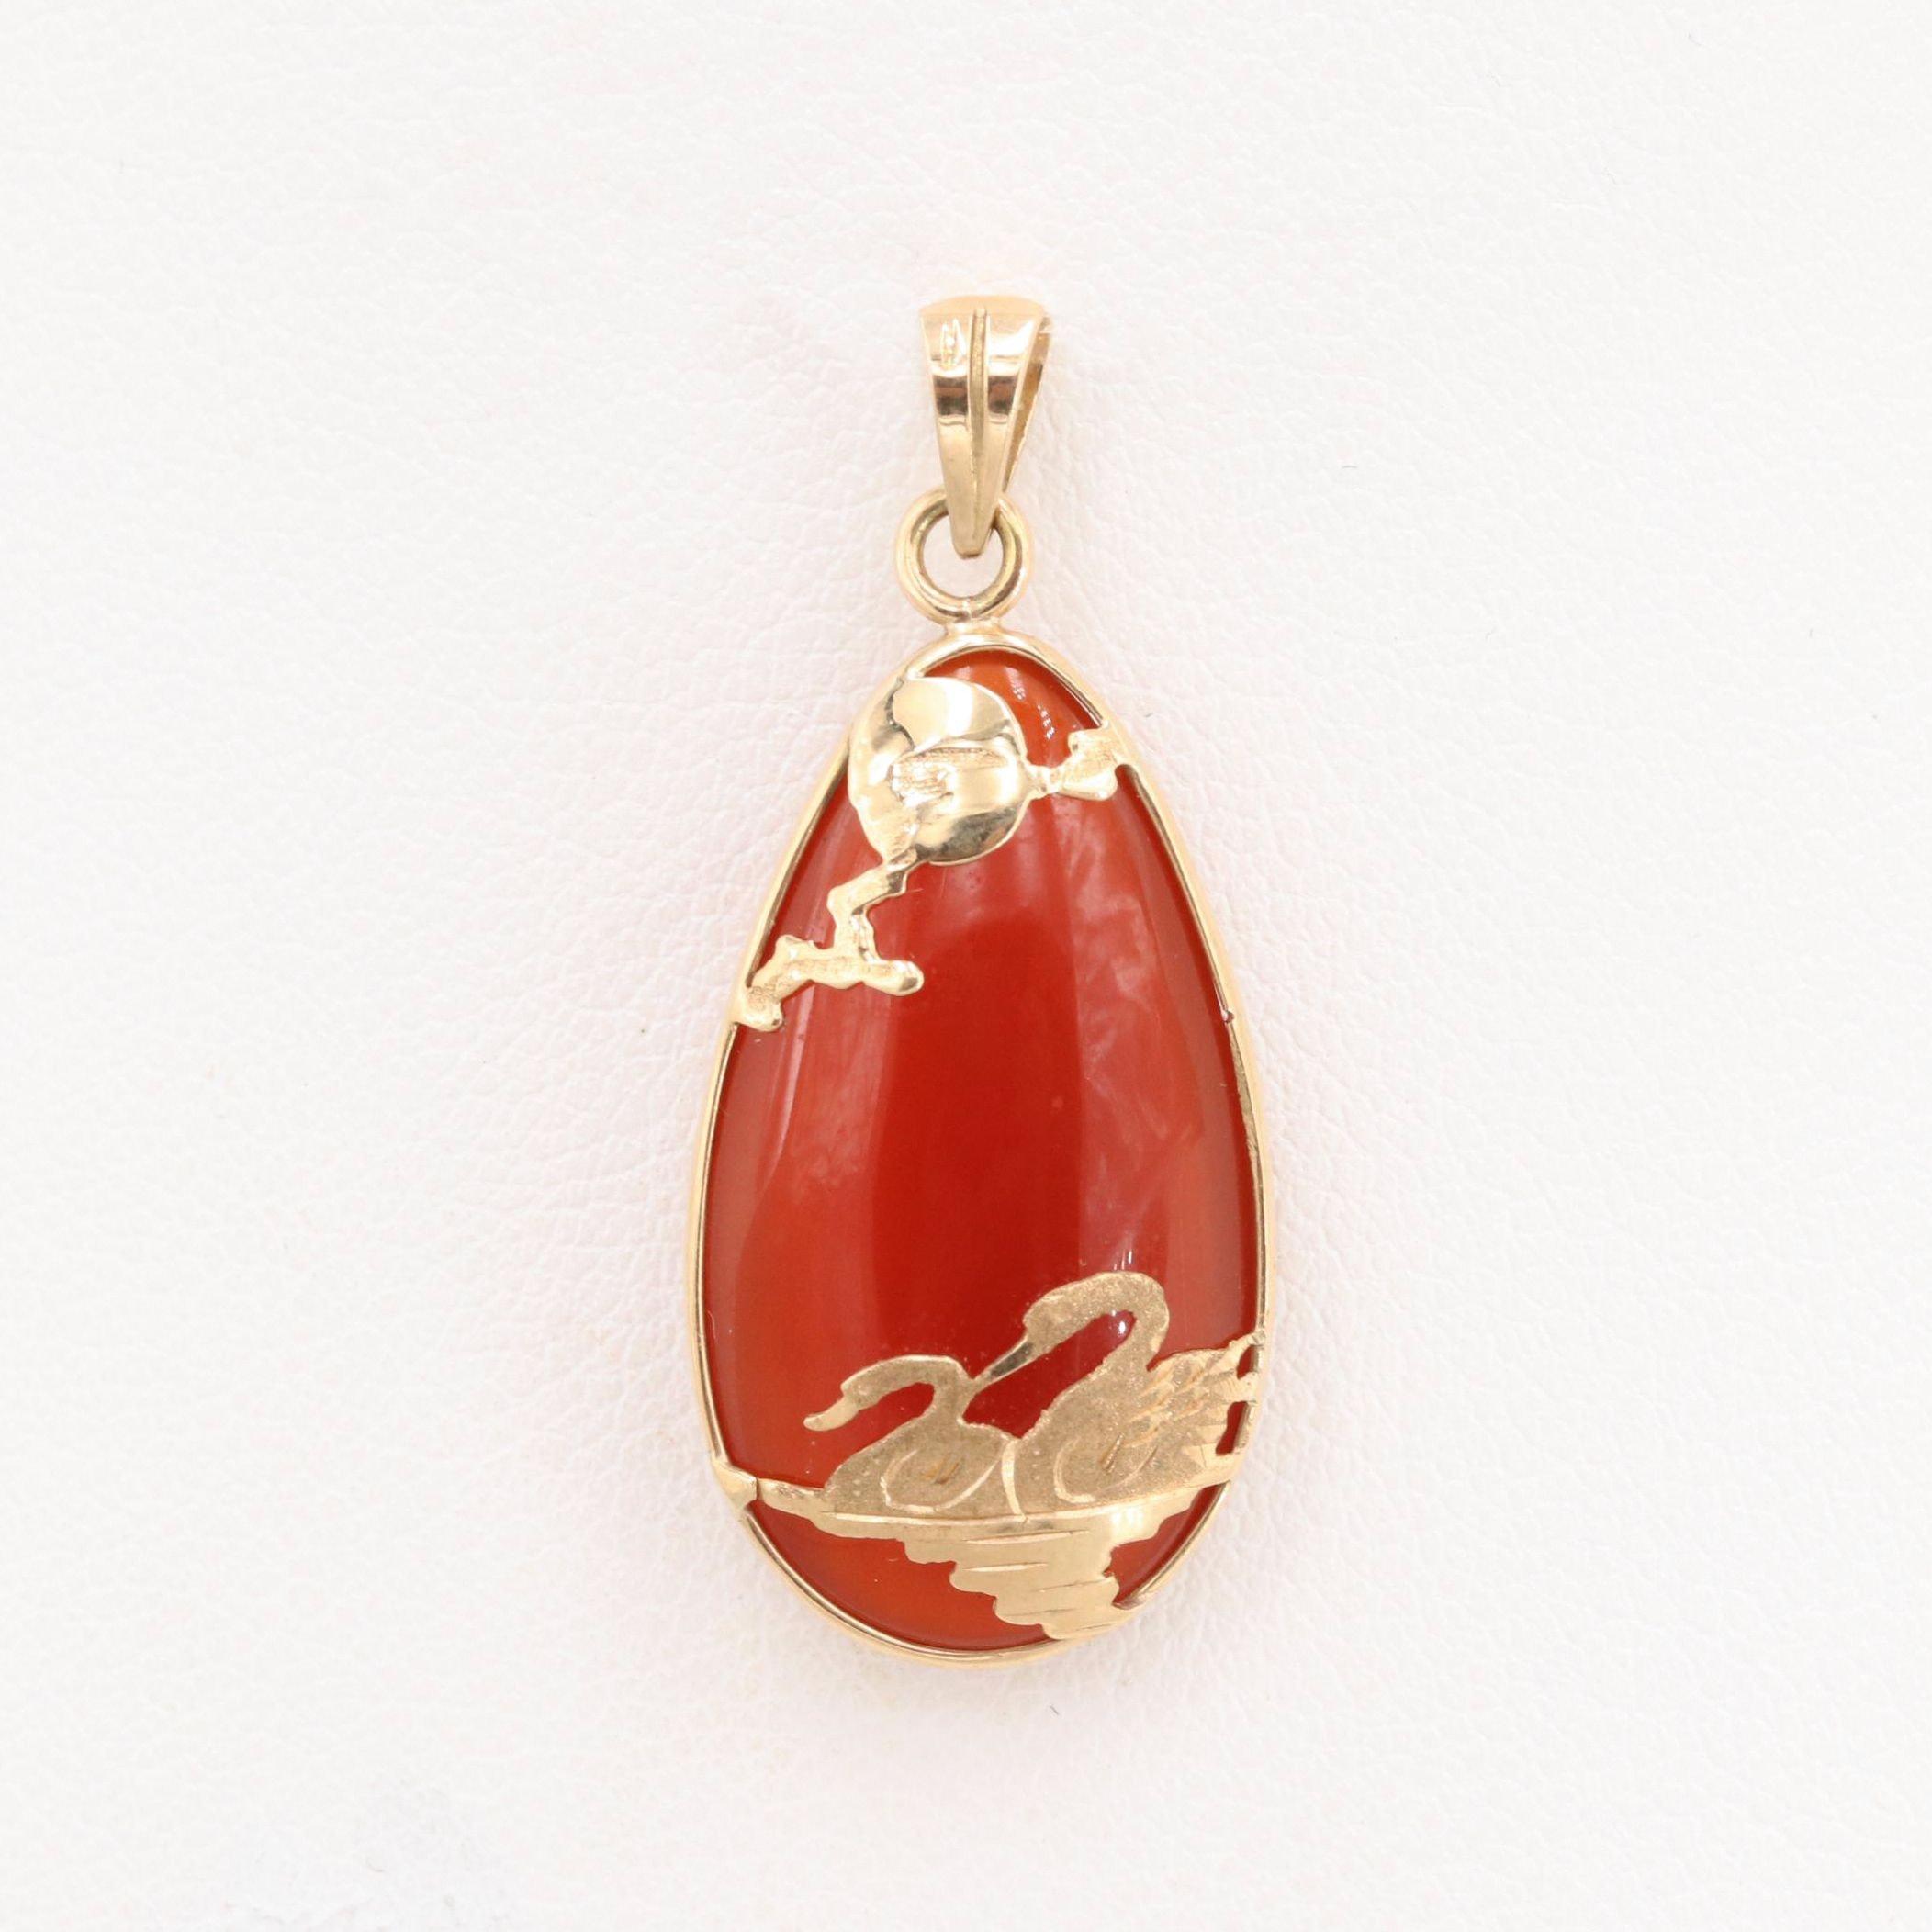 Chinese 14K Yellow Gold Carnelian Pendant